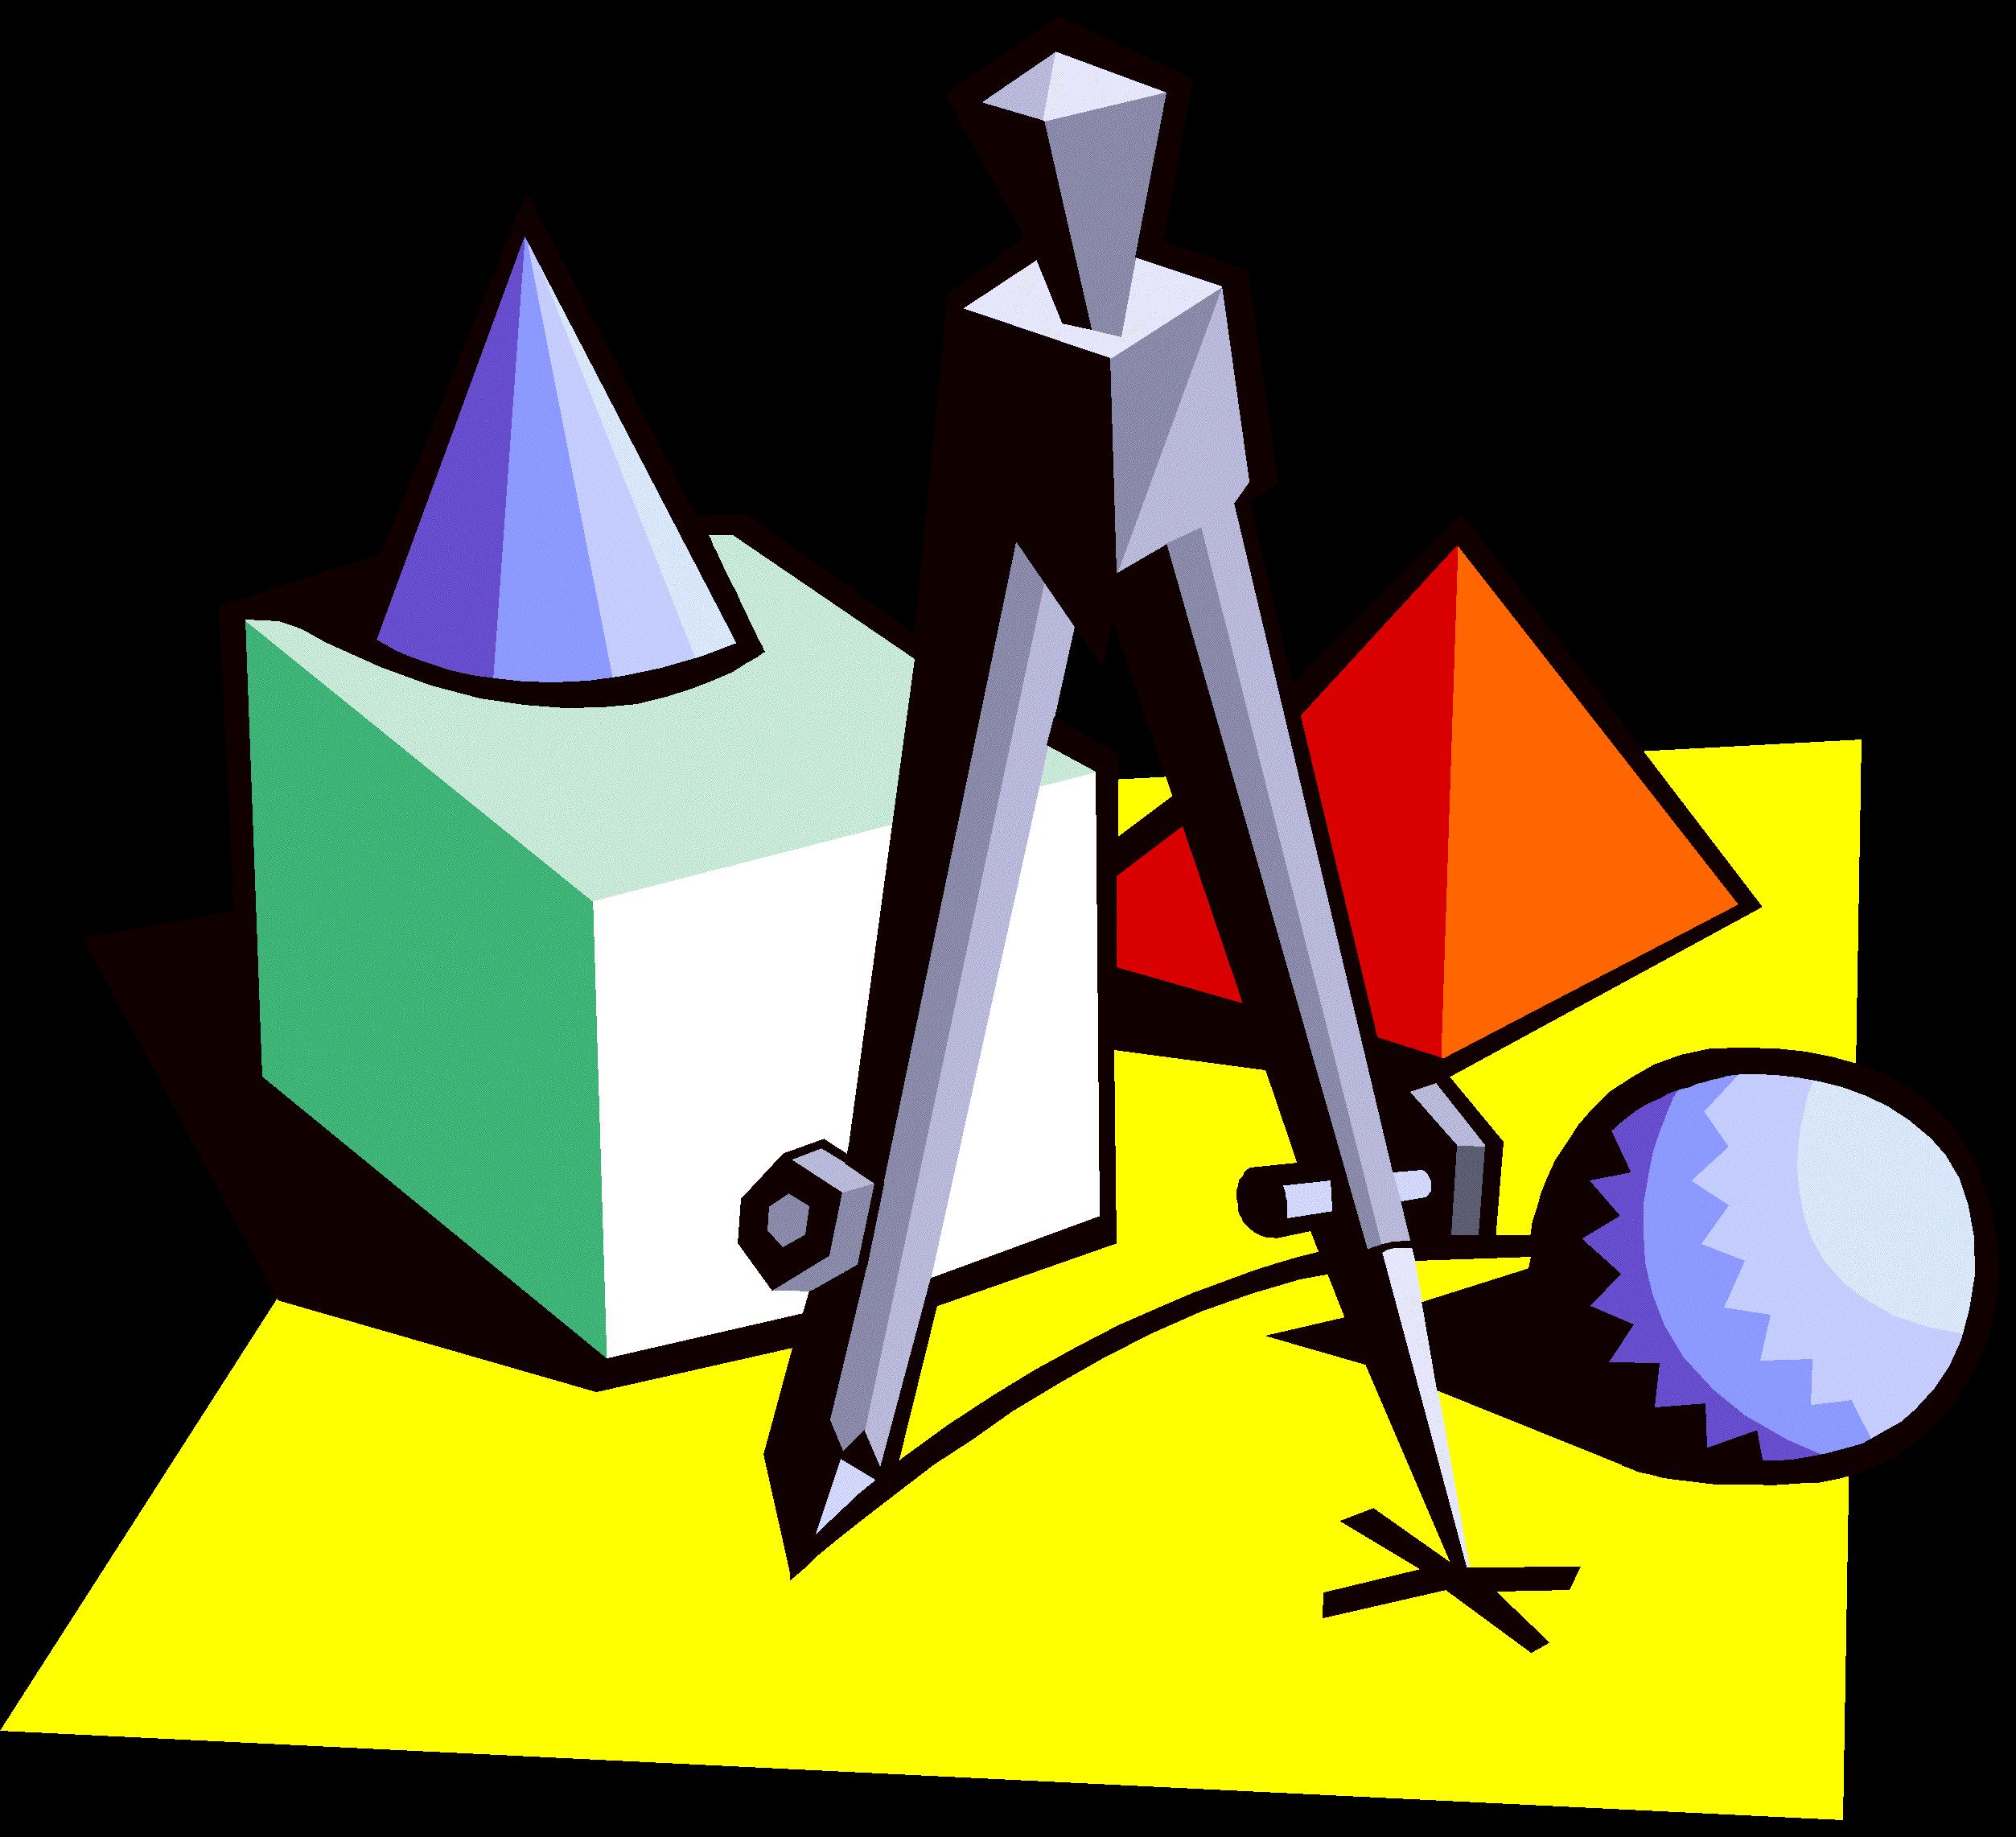 полагает, геометрия физика картинки боковой пробор